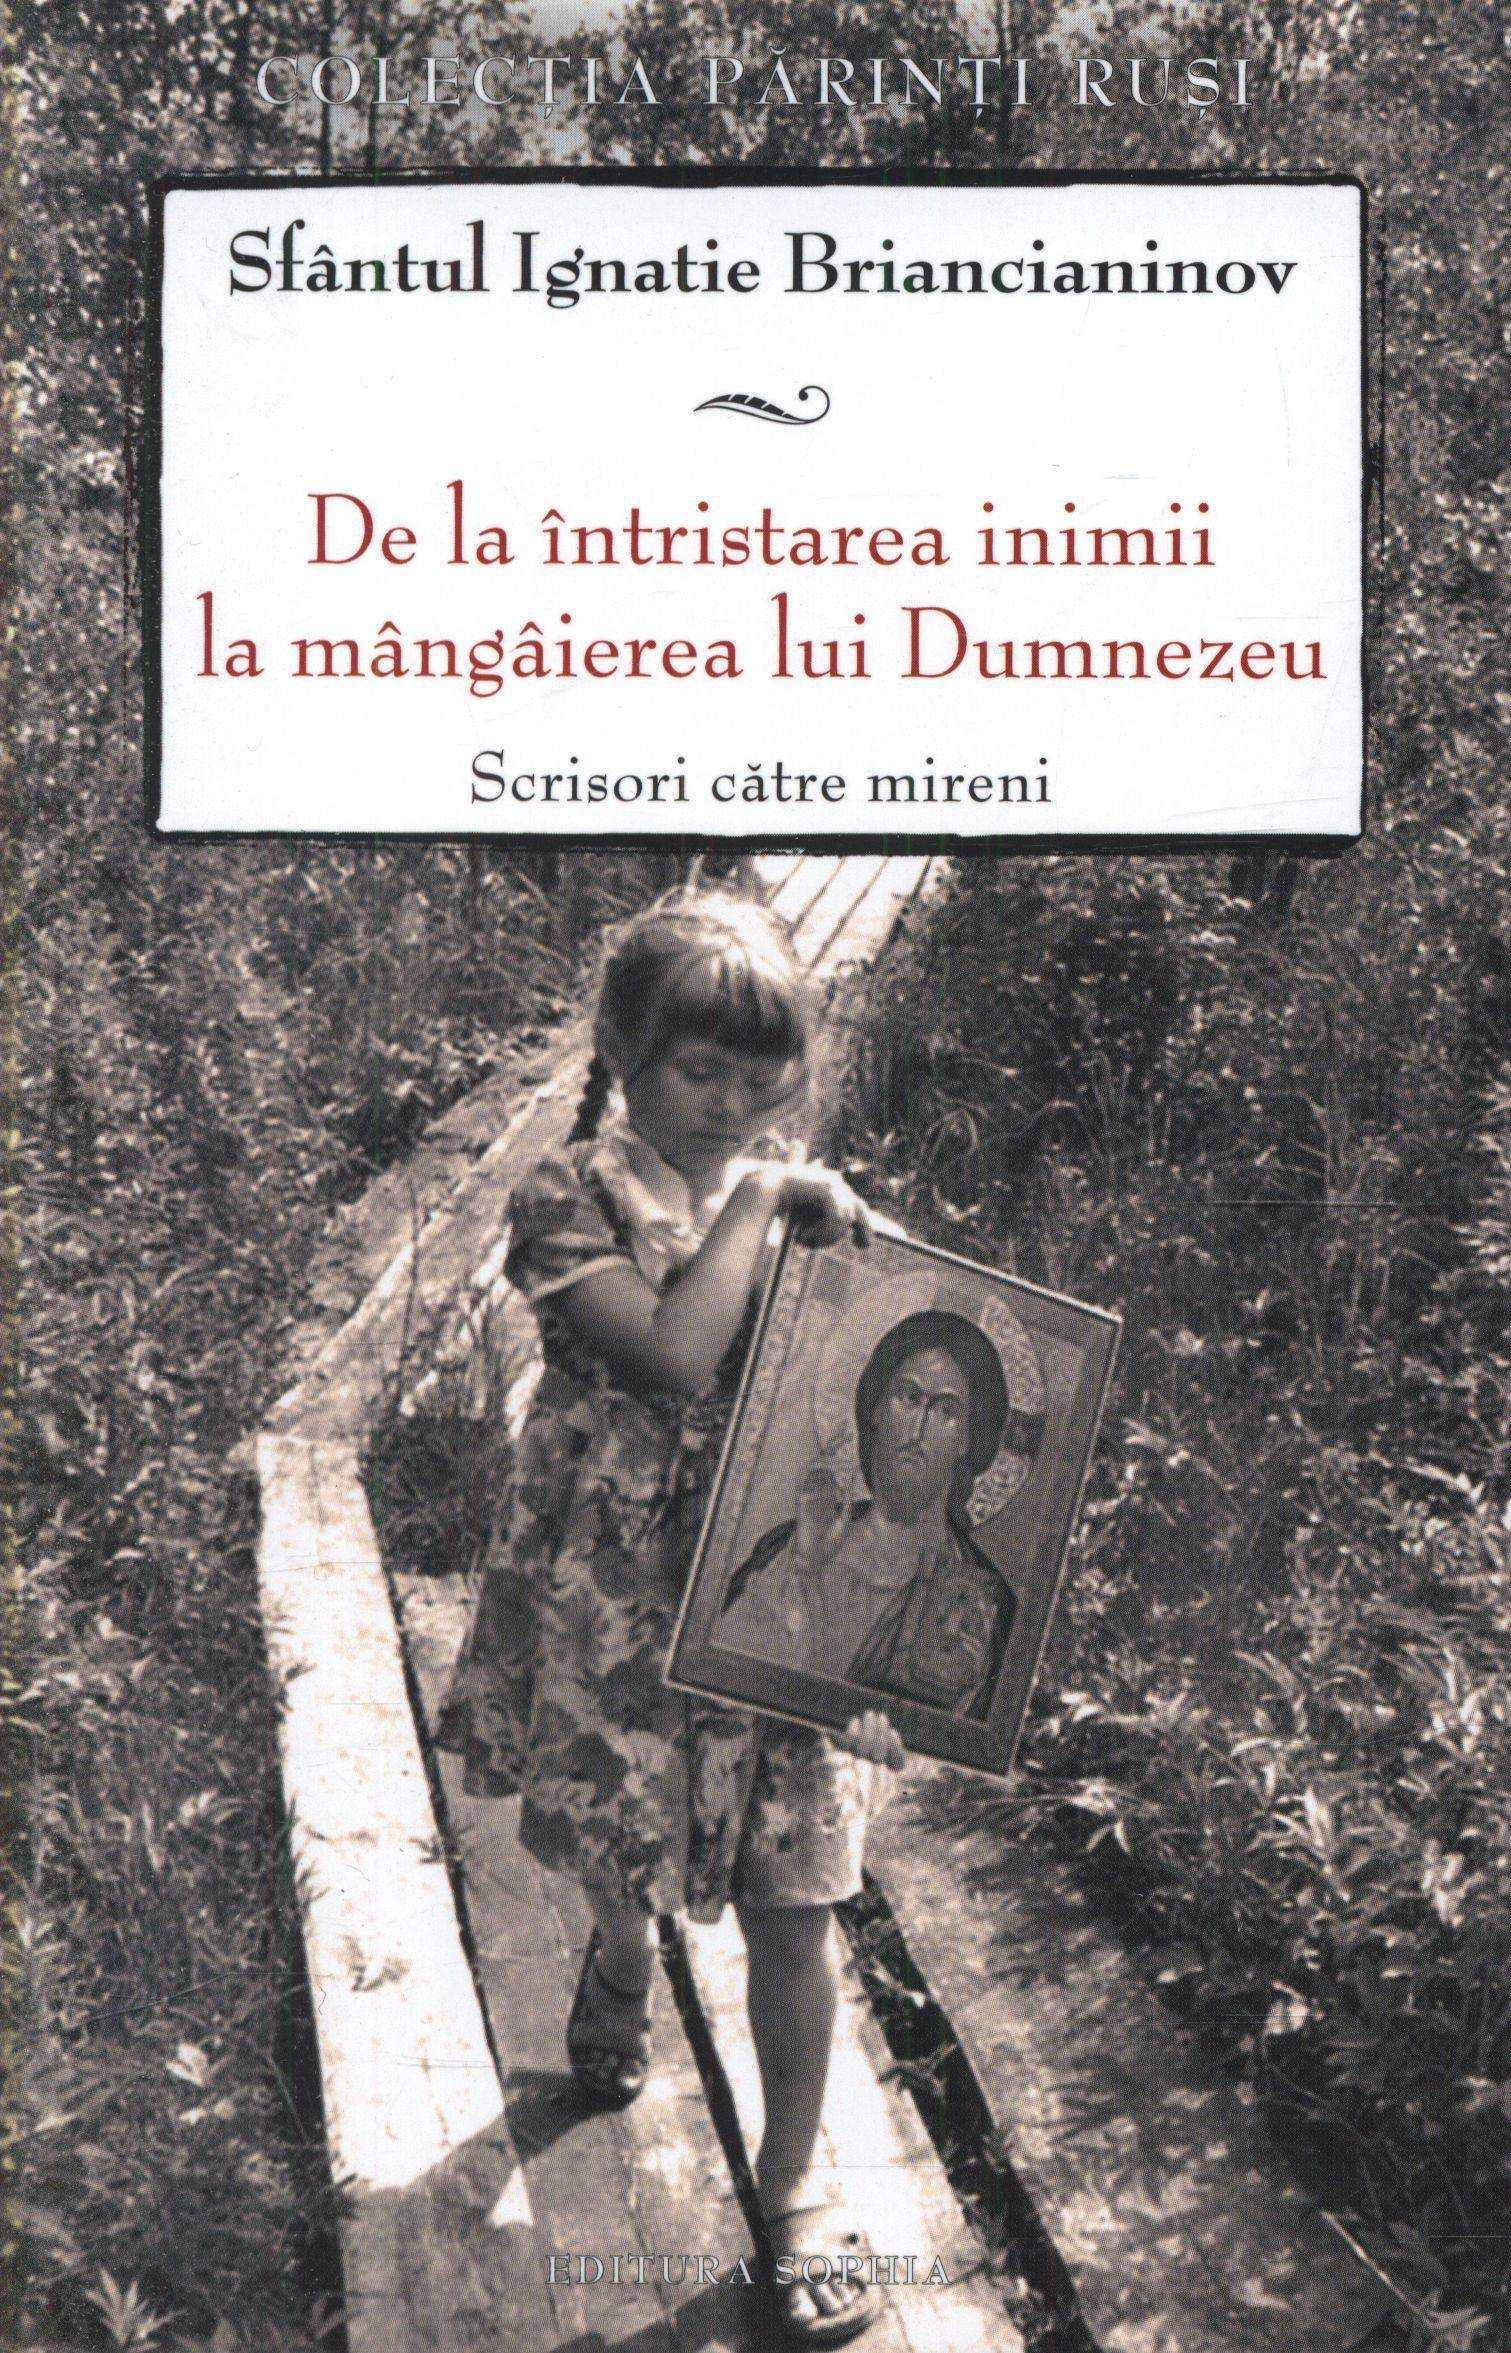 """Sfantul Ignatie Briancianov despre SUFLETESC si DUHOVNICESC: <i>""""Sa nu va inselati! Sa nu socotiti INFIERBANTAREA omeneasca a fi lucrare a DUMNEZEIESCULUI FOC!""""</i>"""